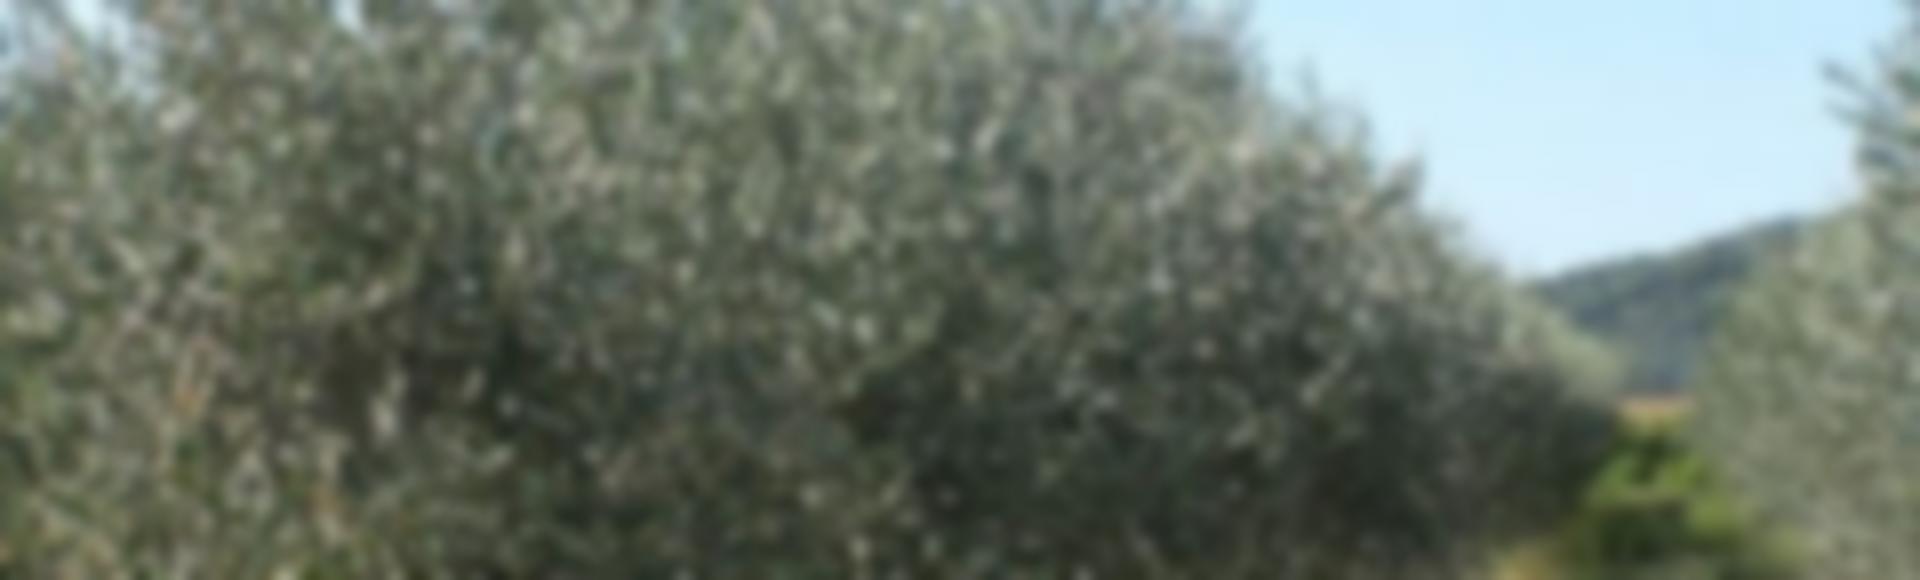 Lou mouli d 39 ol les tapes savoureuses ard che bourg - Office de tourisme bourg saint andeol ...